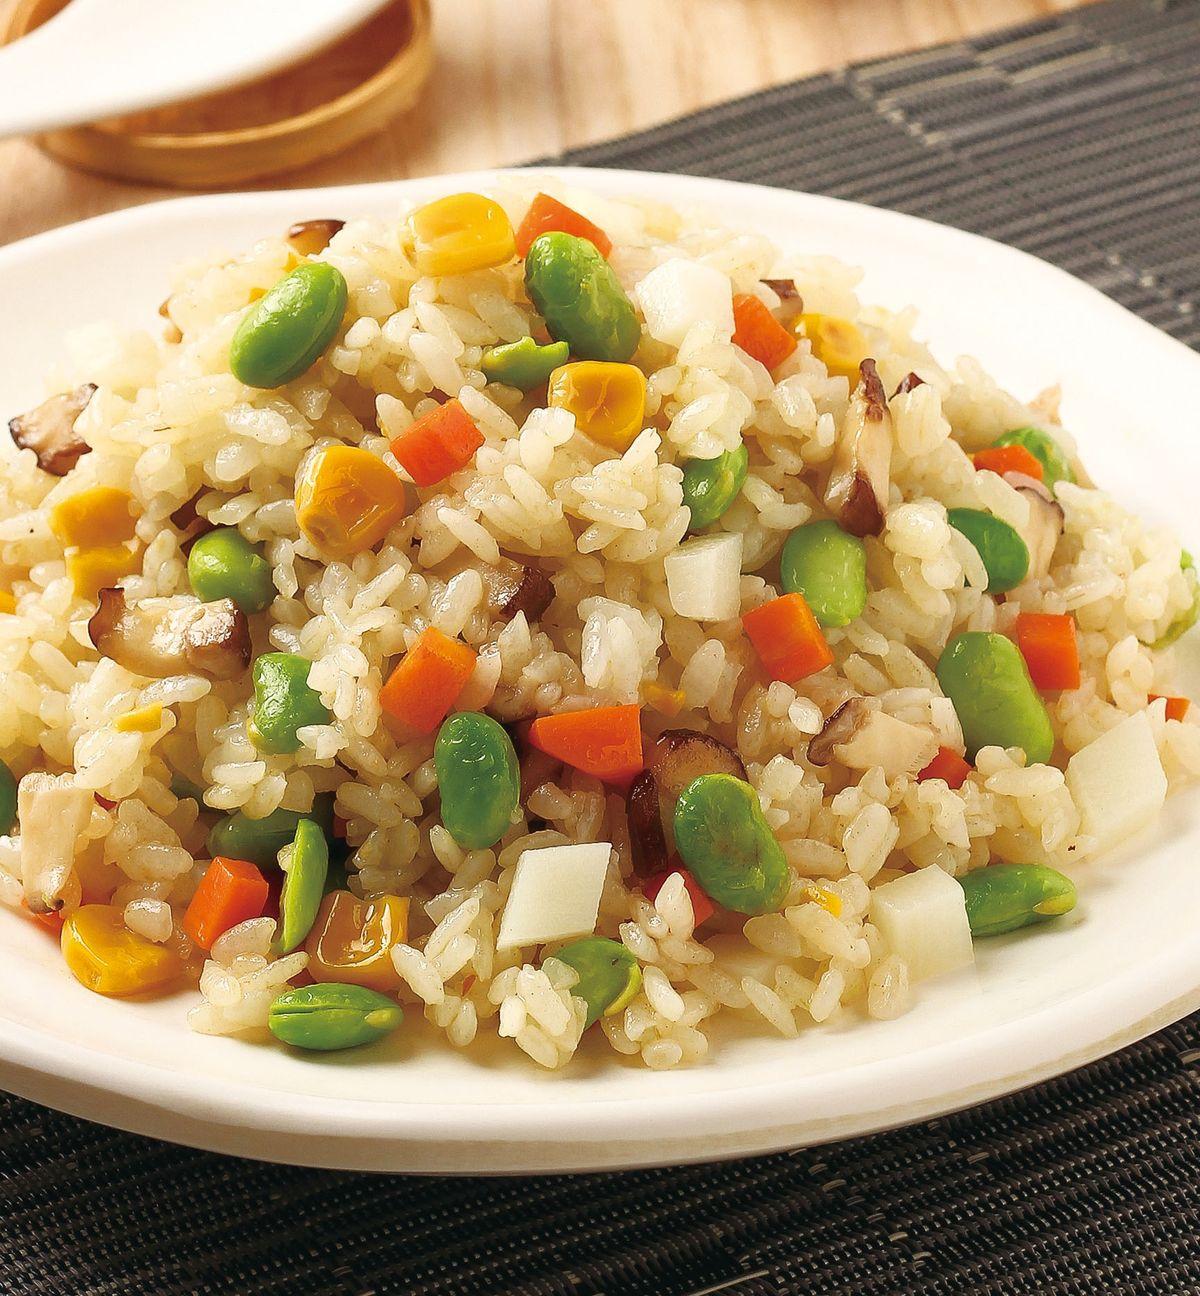 食譜:五彩鮮蔬炒飯